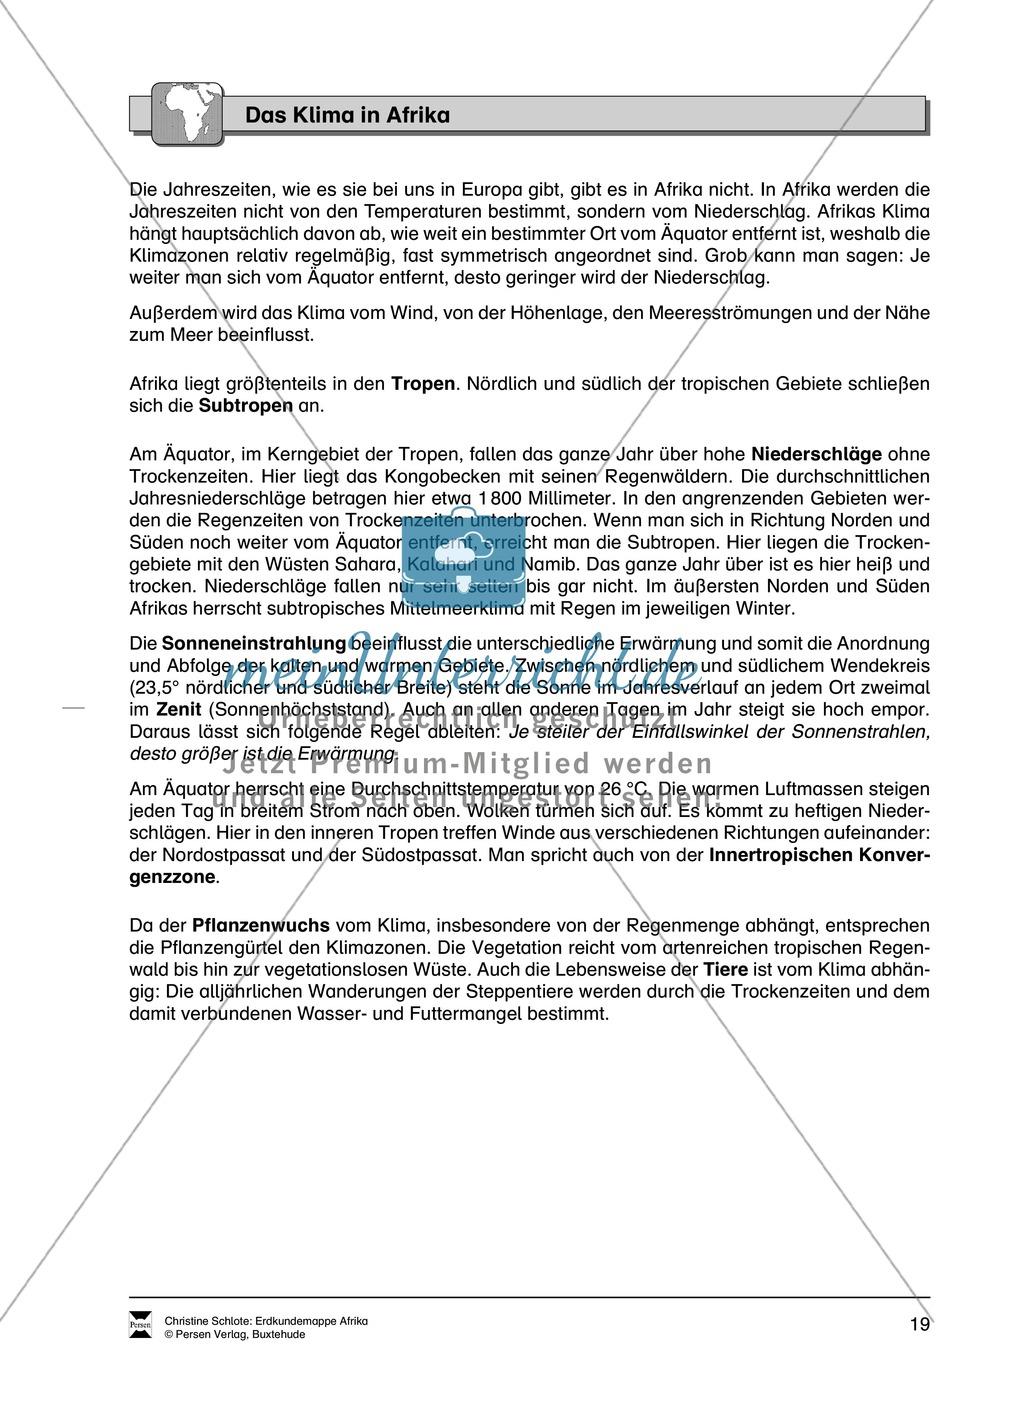 Kopiervorlage zum Klima des Kontinents Afrika: Lückentexte + ...